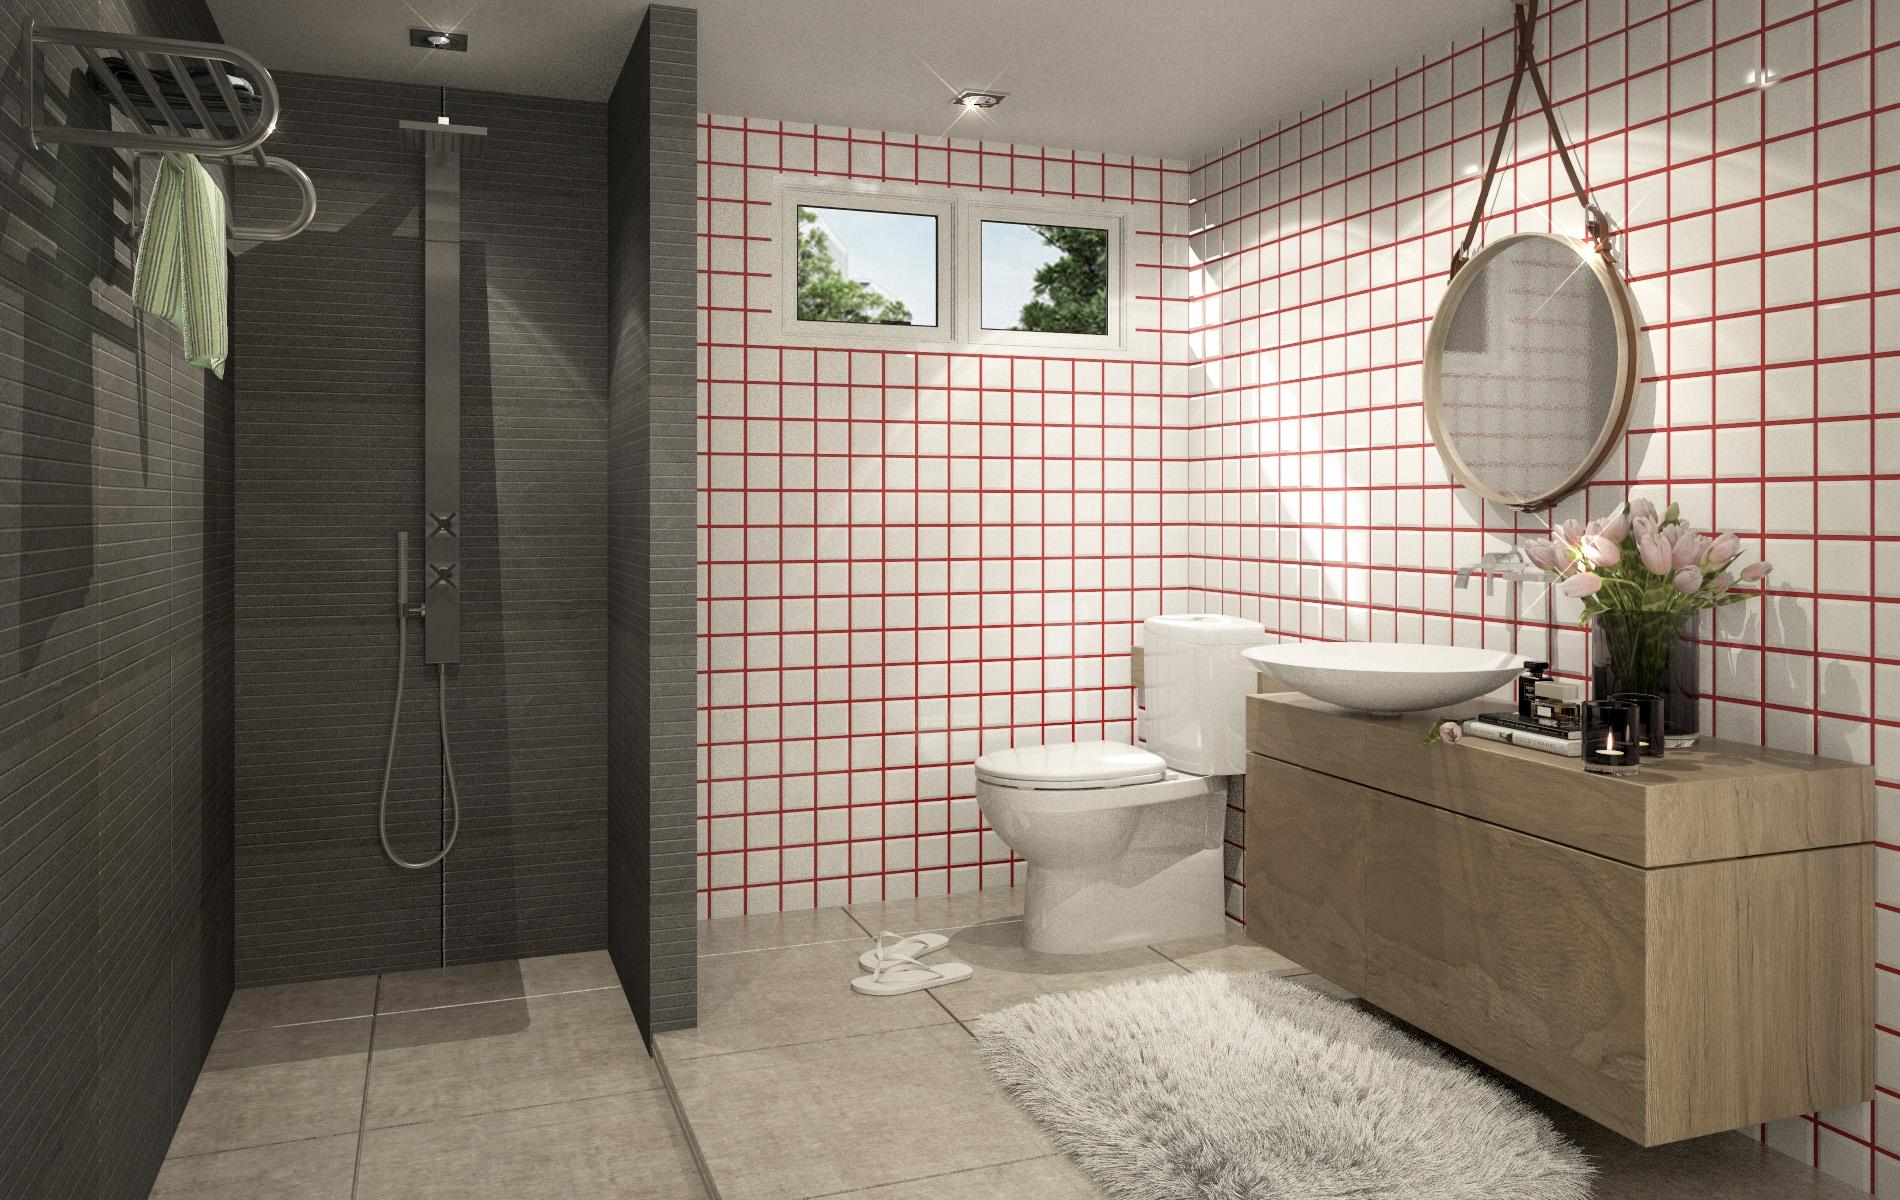 Bonanzabuilt-Portfolio-interior2-5